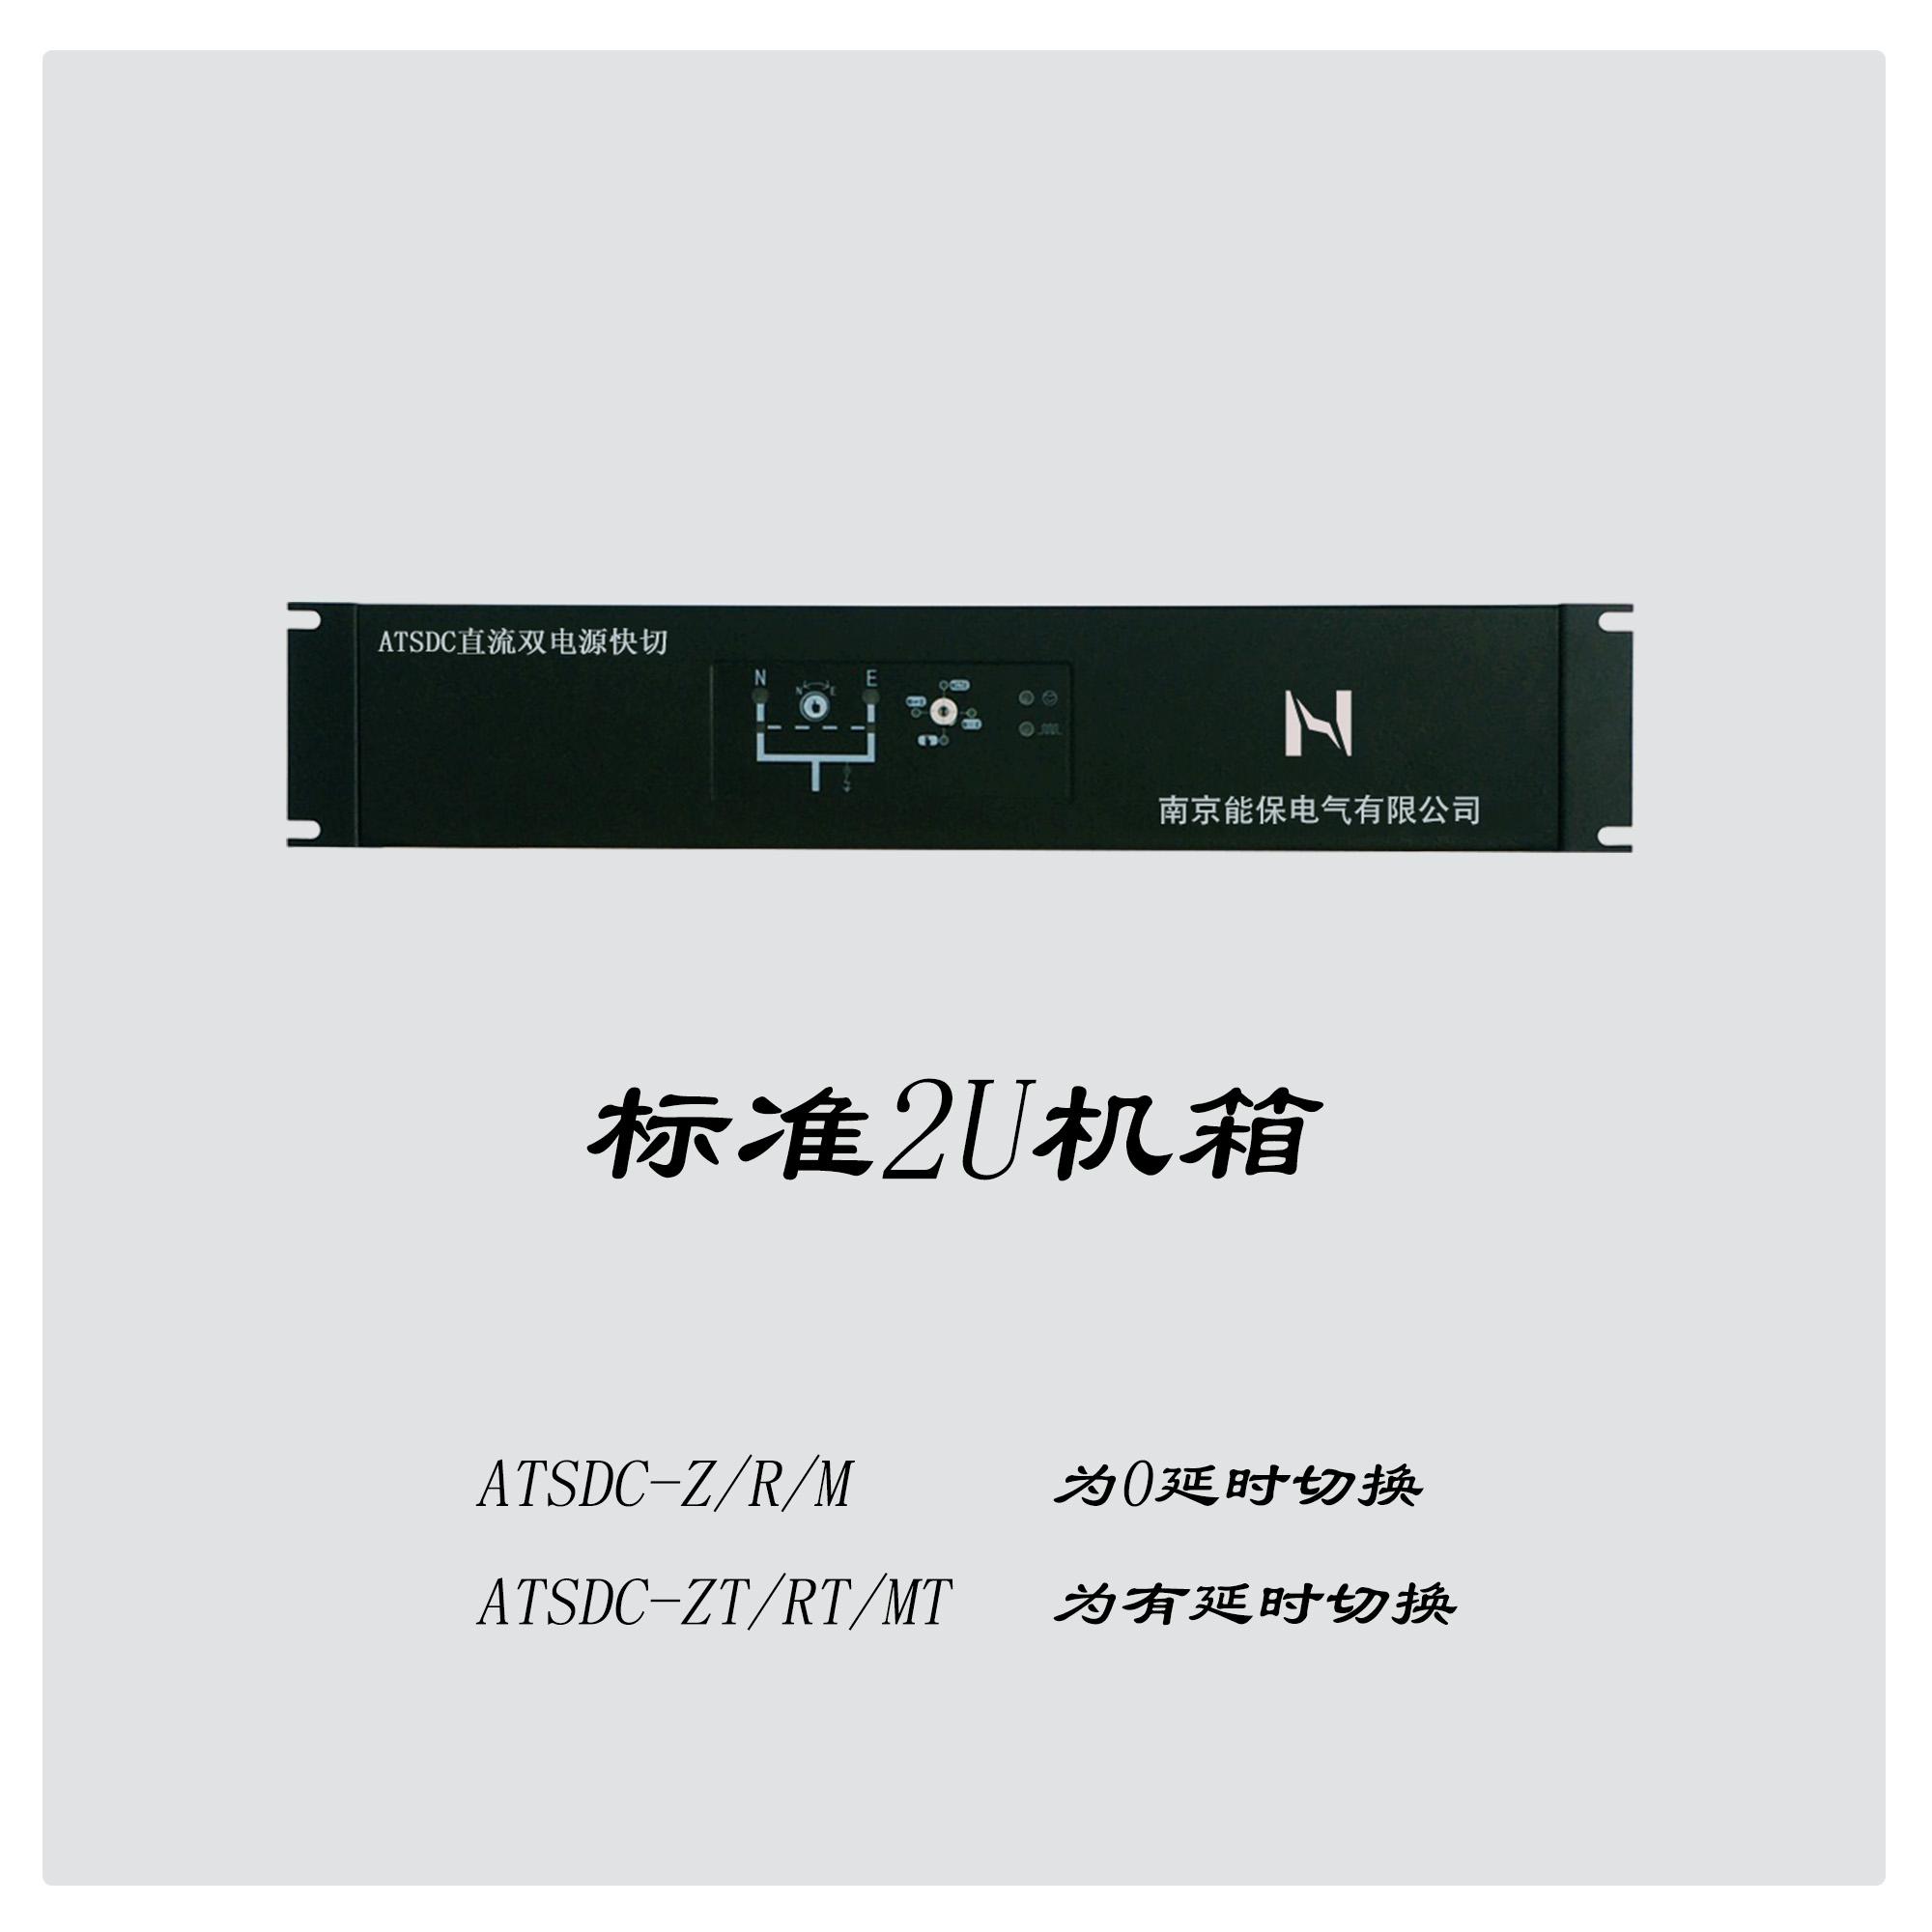 廠家供應南京能保ATSDC直流快切電源雙直流電源隔離切換大功率直流切換電源用于電廠通信